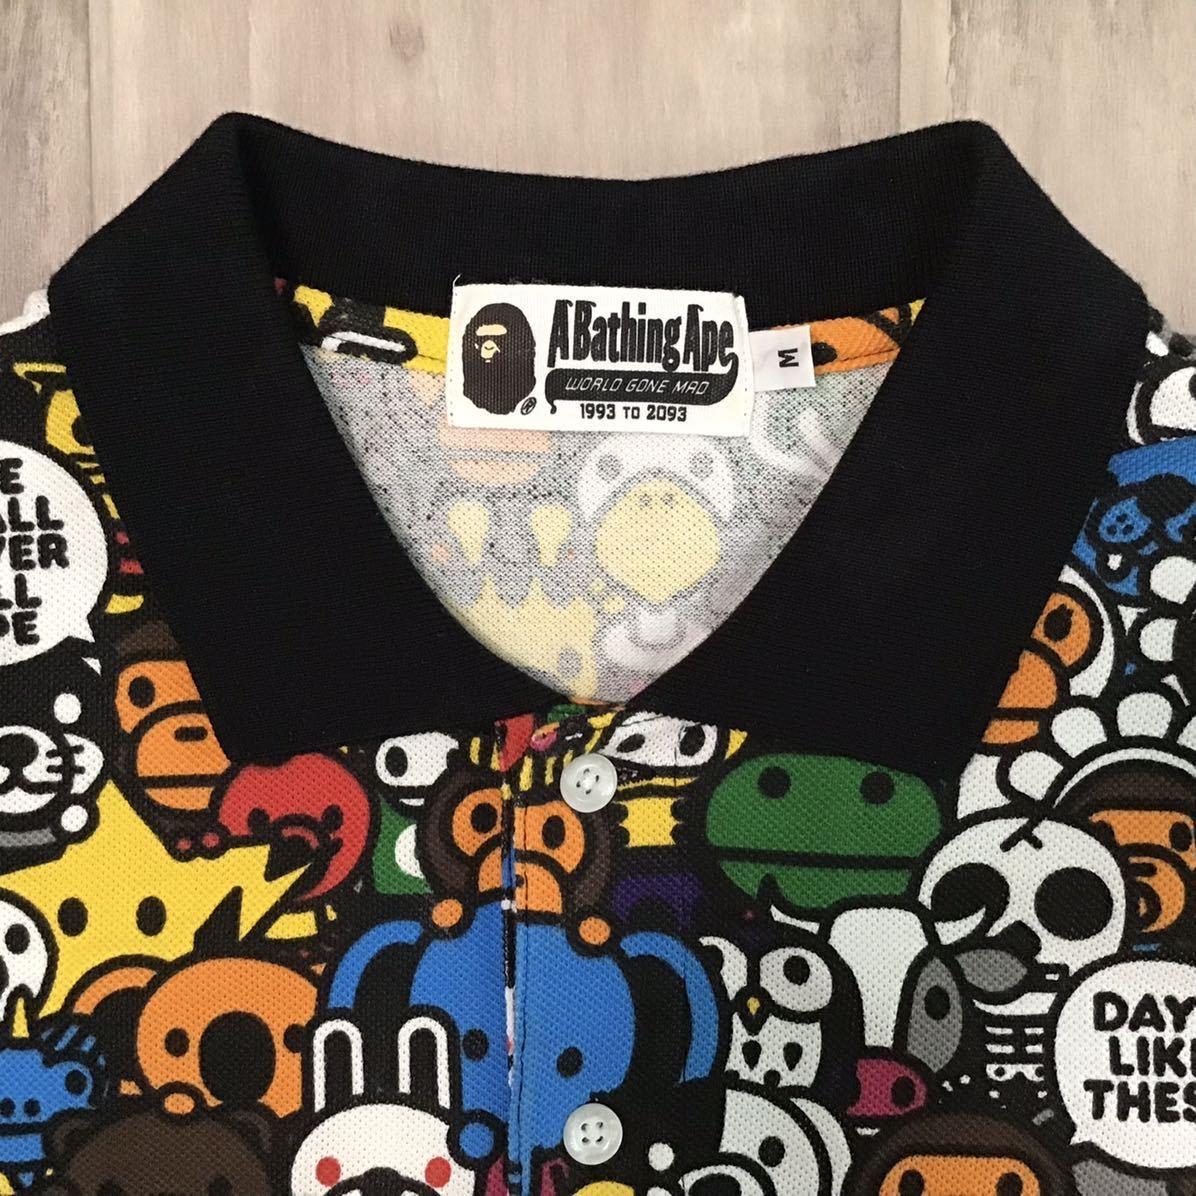 マイロ アニマル サファリ ポロシャツ Mサイズ a bathing ape bape baby milo エイプ ベイプ アベイシングエイプ Safari animal 26mf